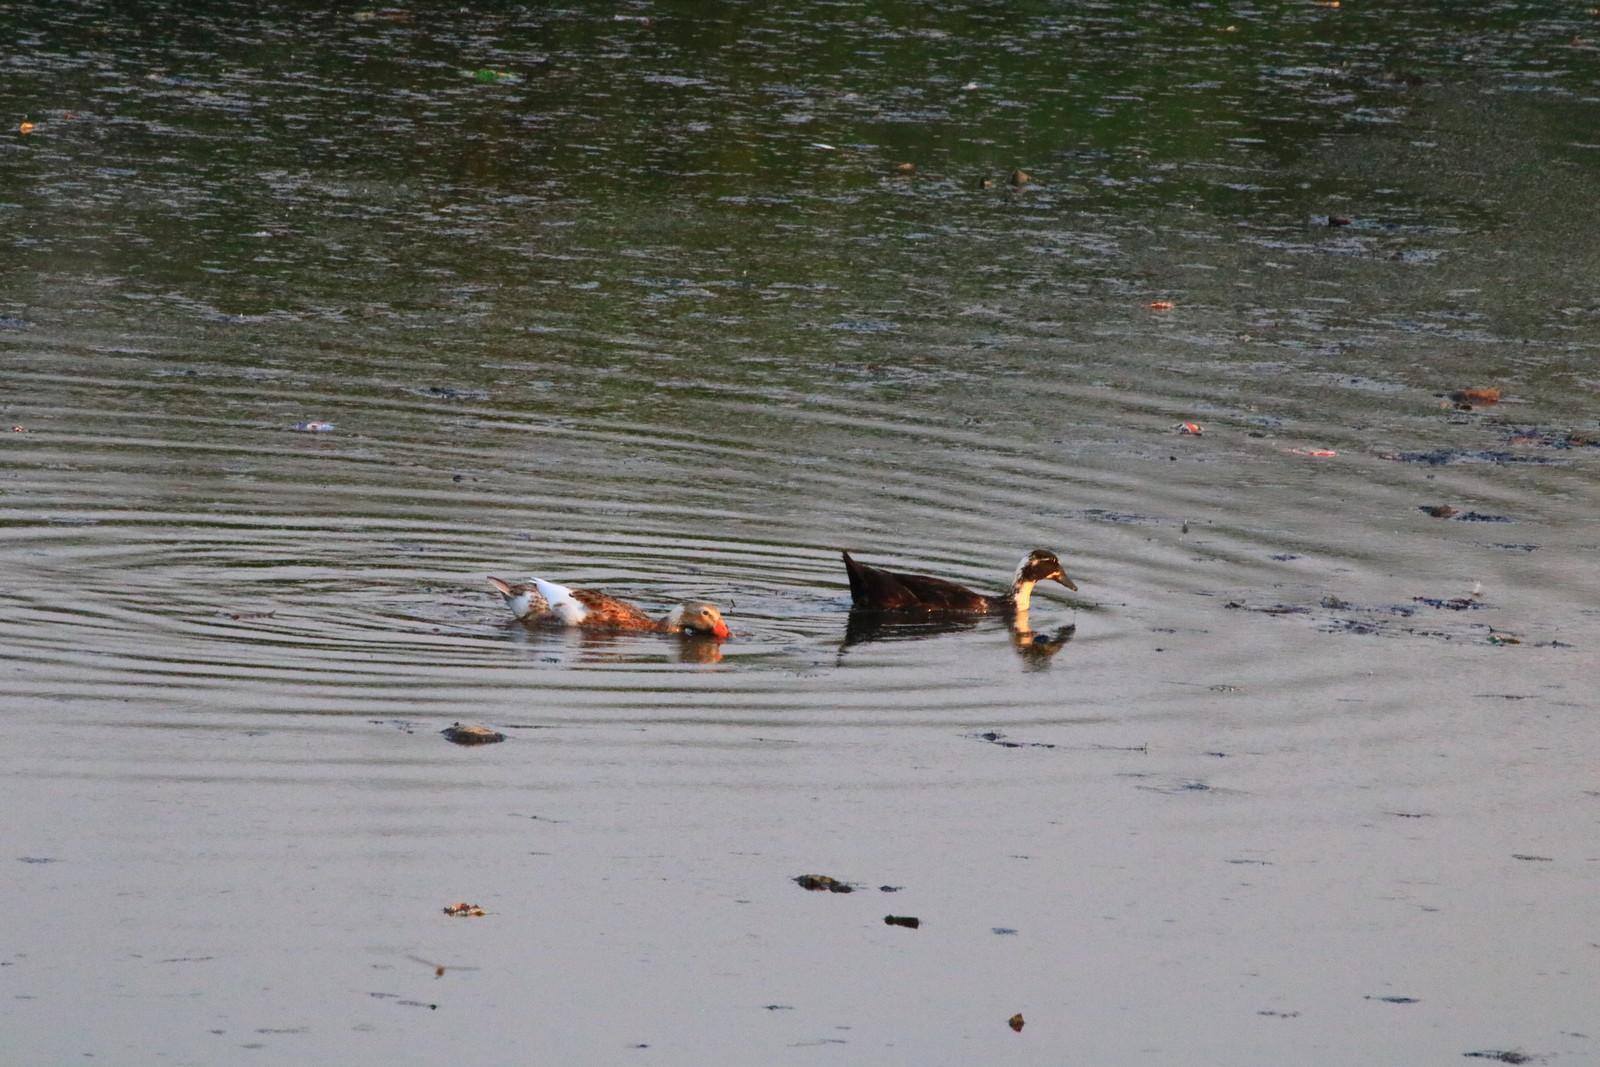 Ducks/geese?